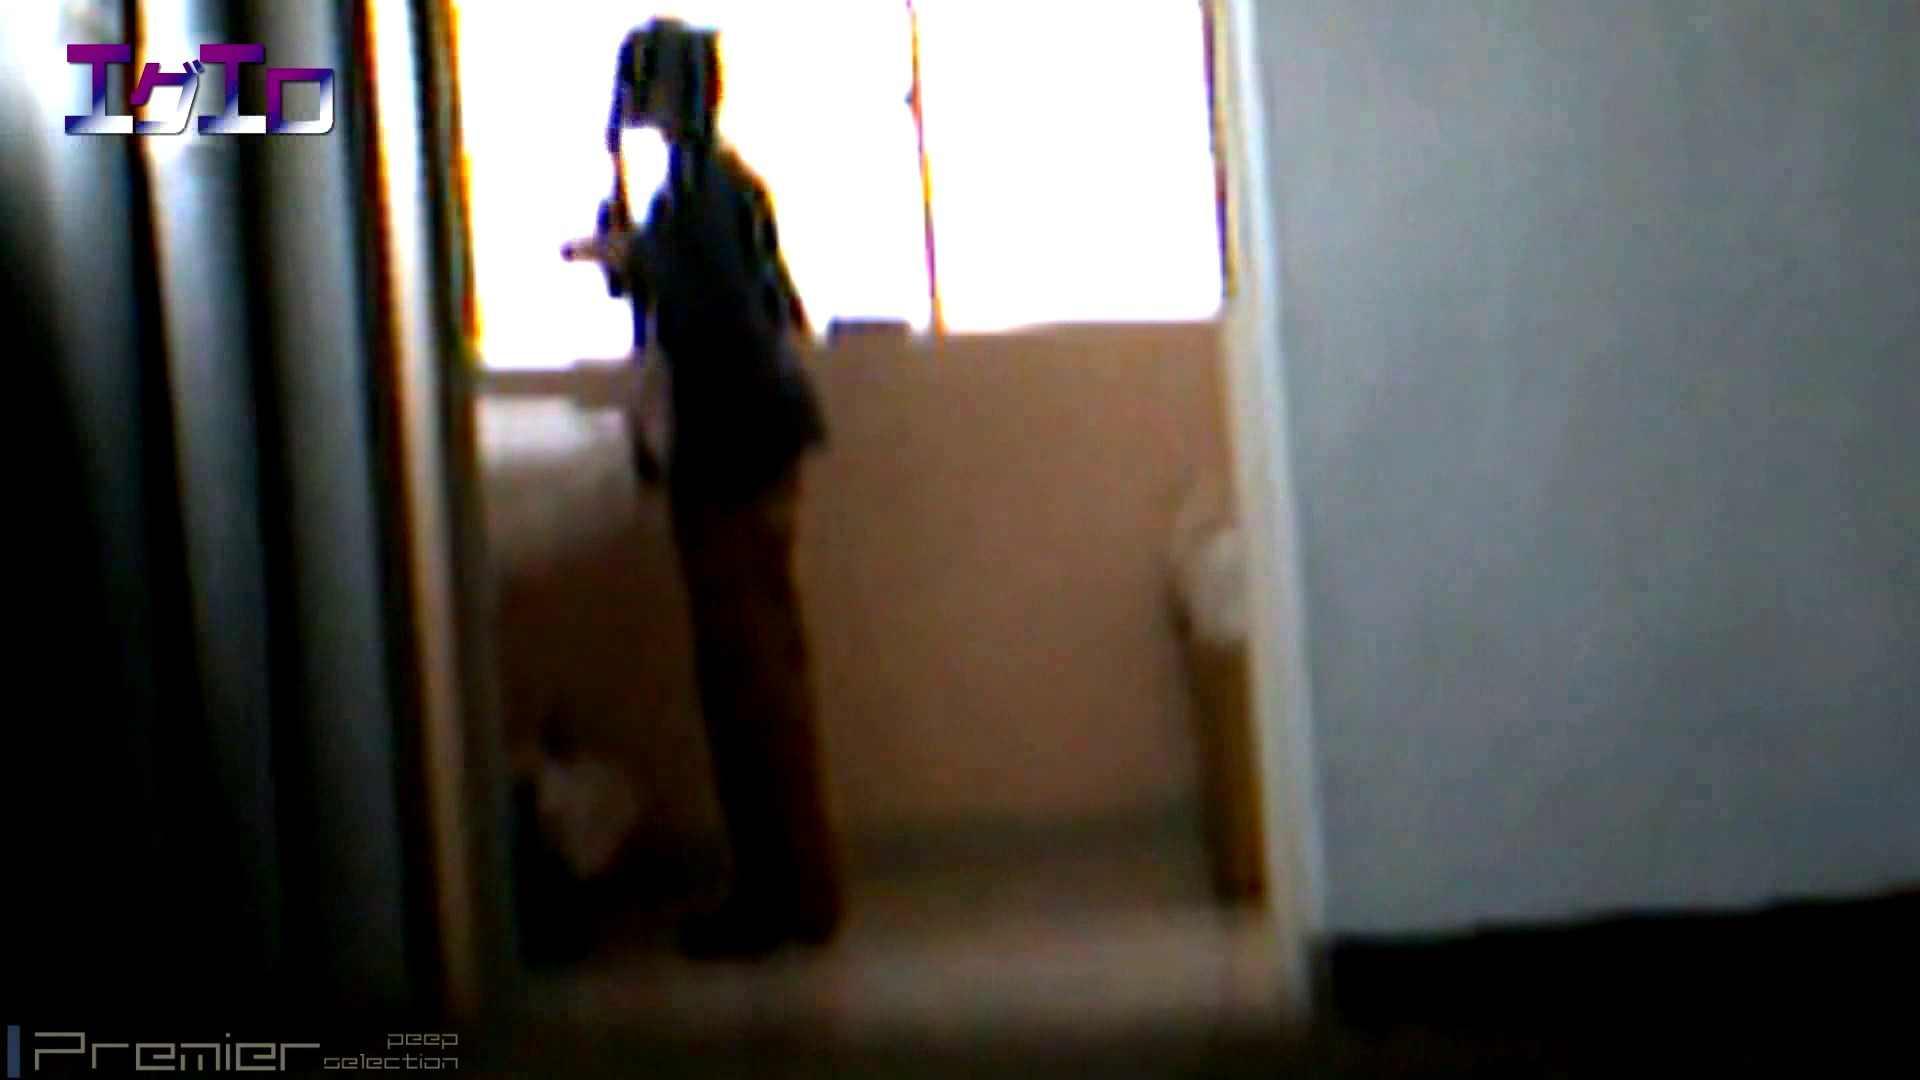 至近距離洗面所 Vol.09夏ギャルキタ~和式トイレ放nyoショー ギャル盗撮映像 性交動画流出 80PIX 47